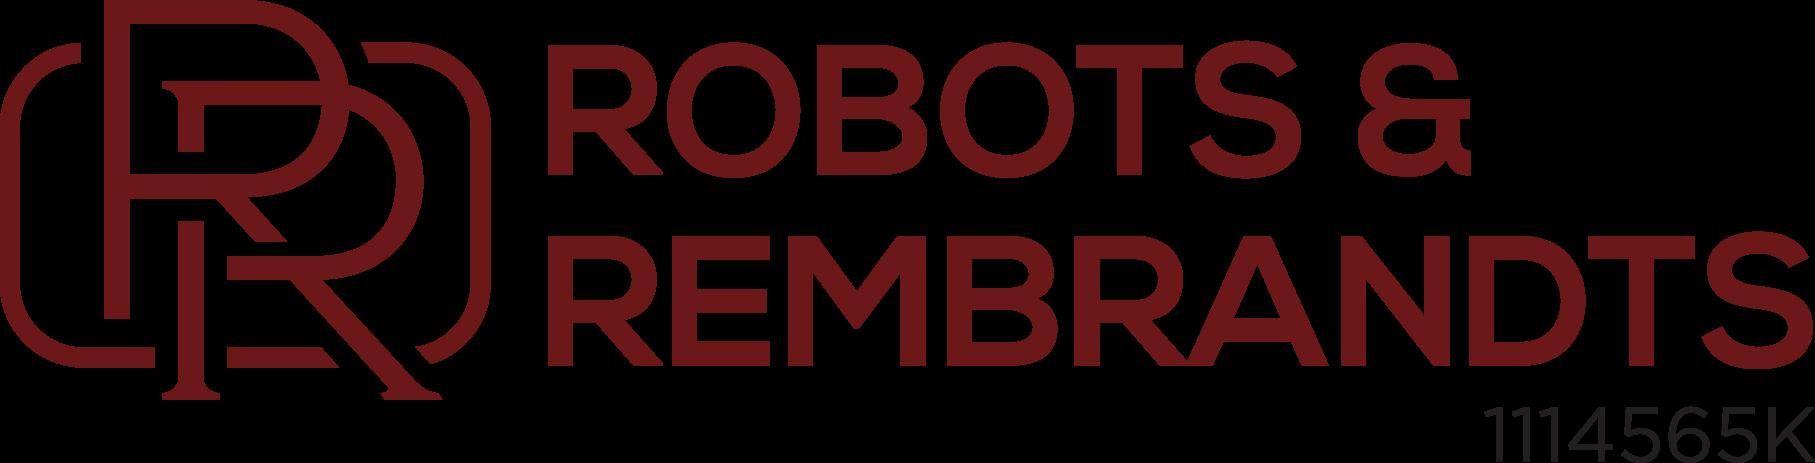 Robots & Rembrandts